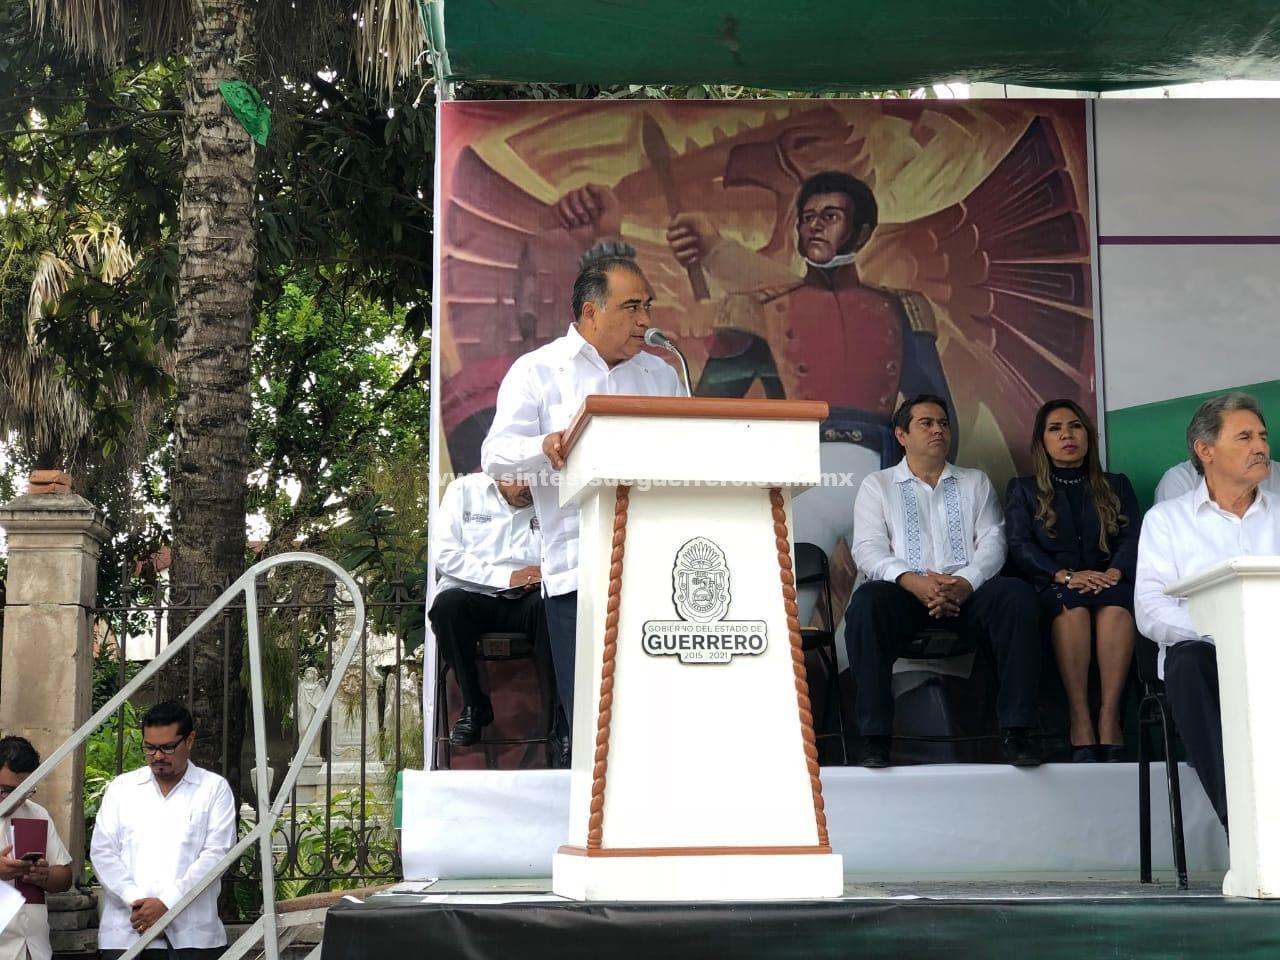 Presiden gobernador Hector Astudillo y Titular de Sagarpa, Baltasar Manuel Hinojosa el 236 Aniversario del Natalicio del General Vicente Guerrero Saldaña.